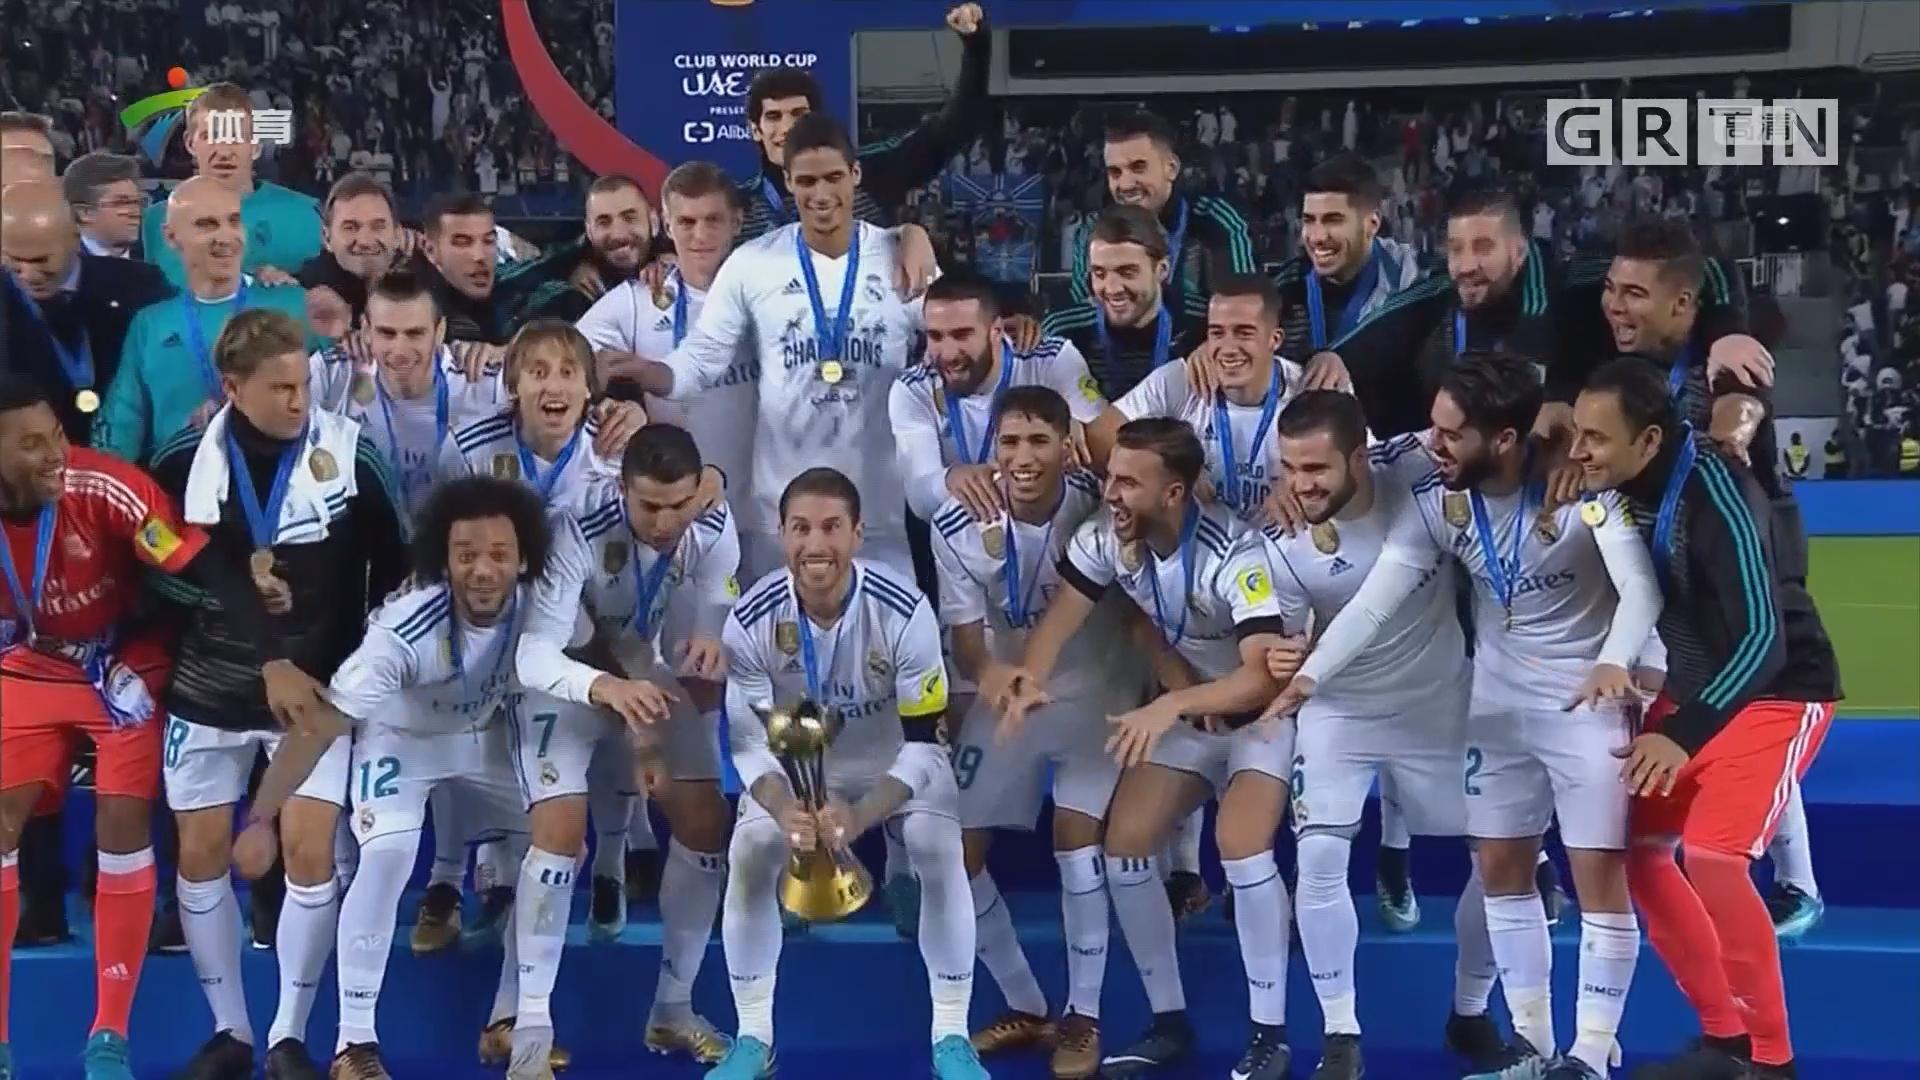 世俱杯 C罗任意球破门 皇马成功卫冕